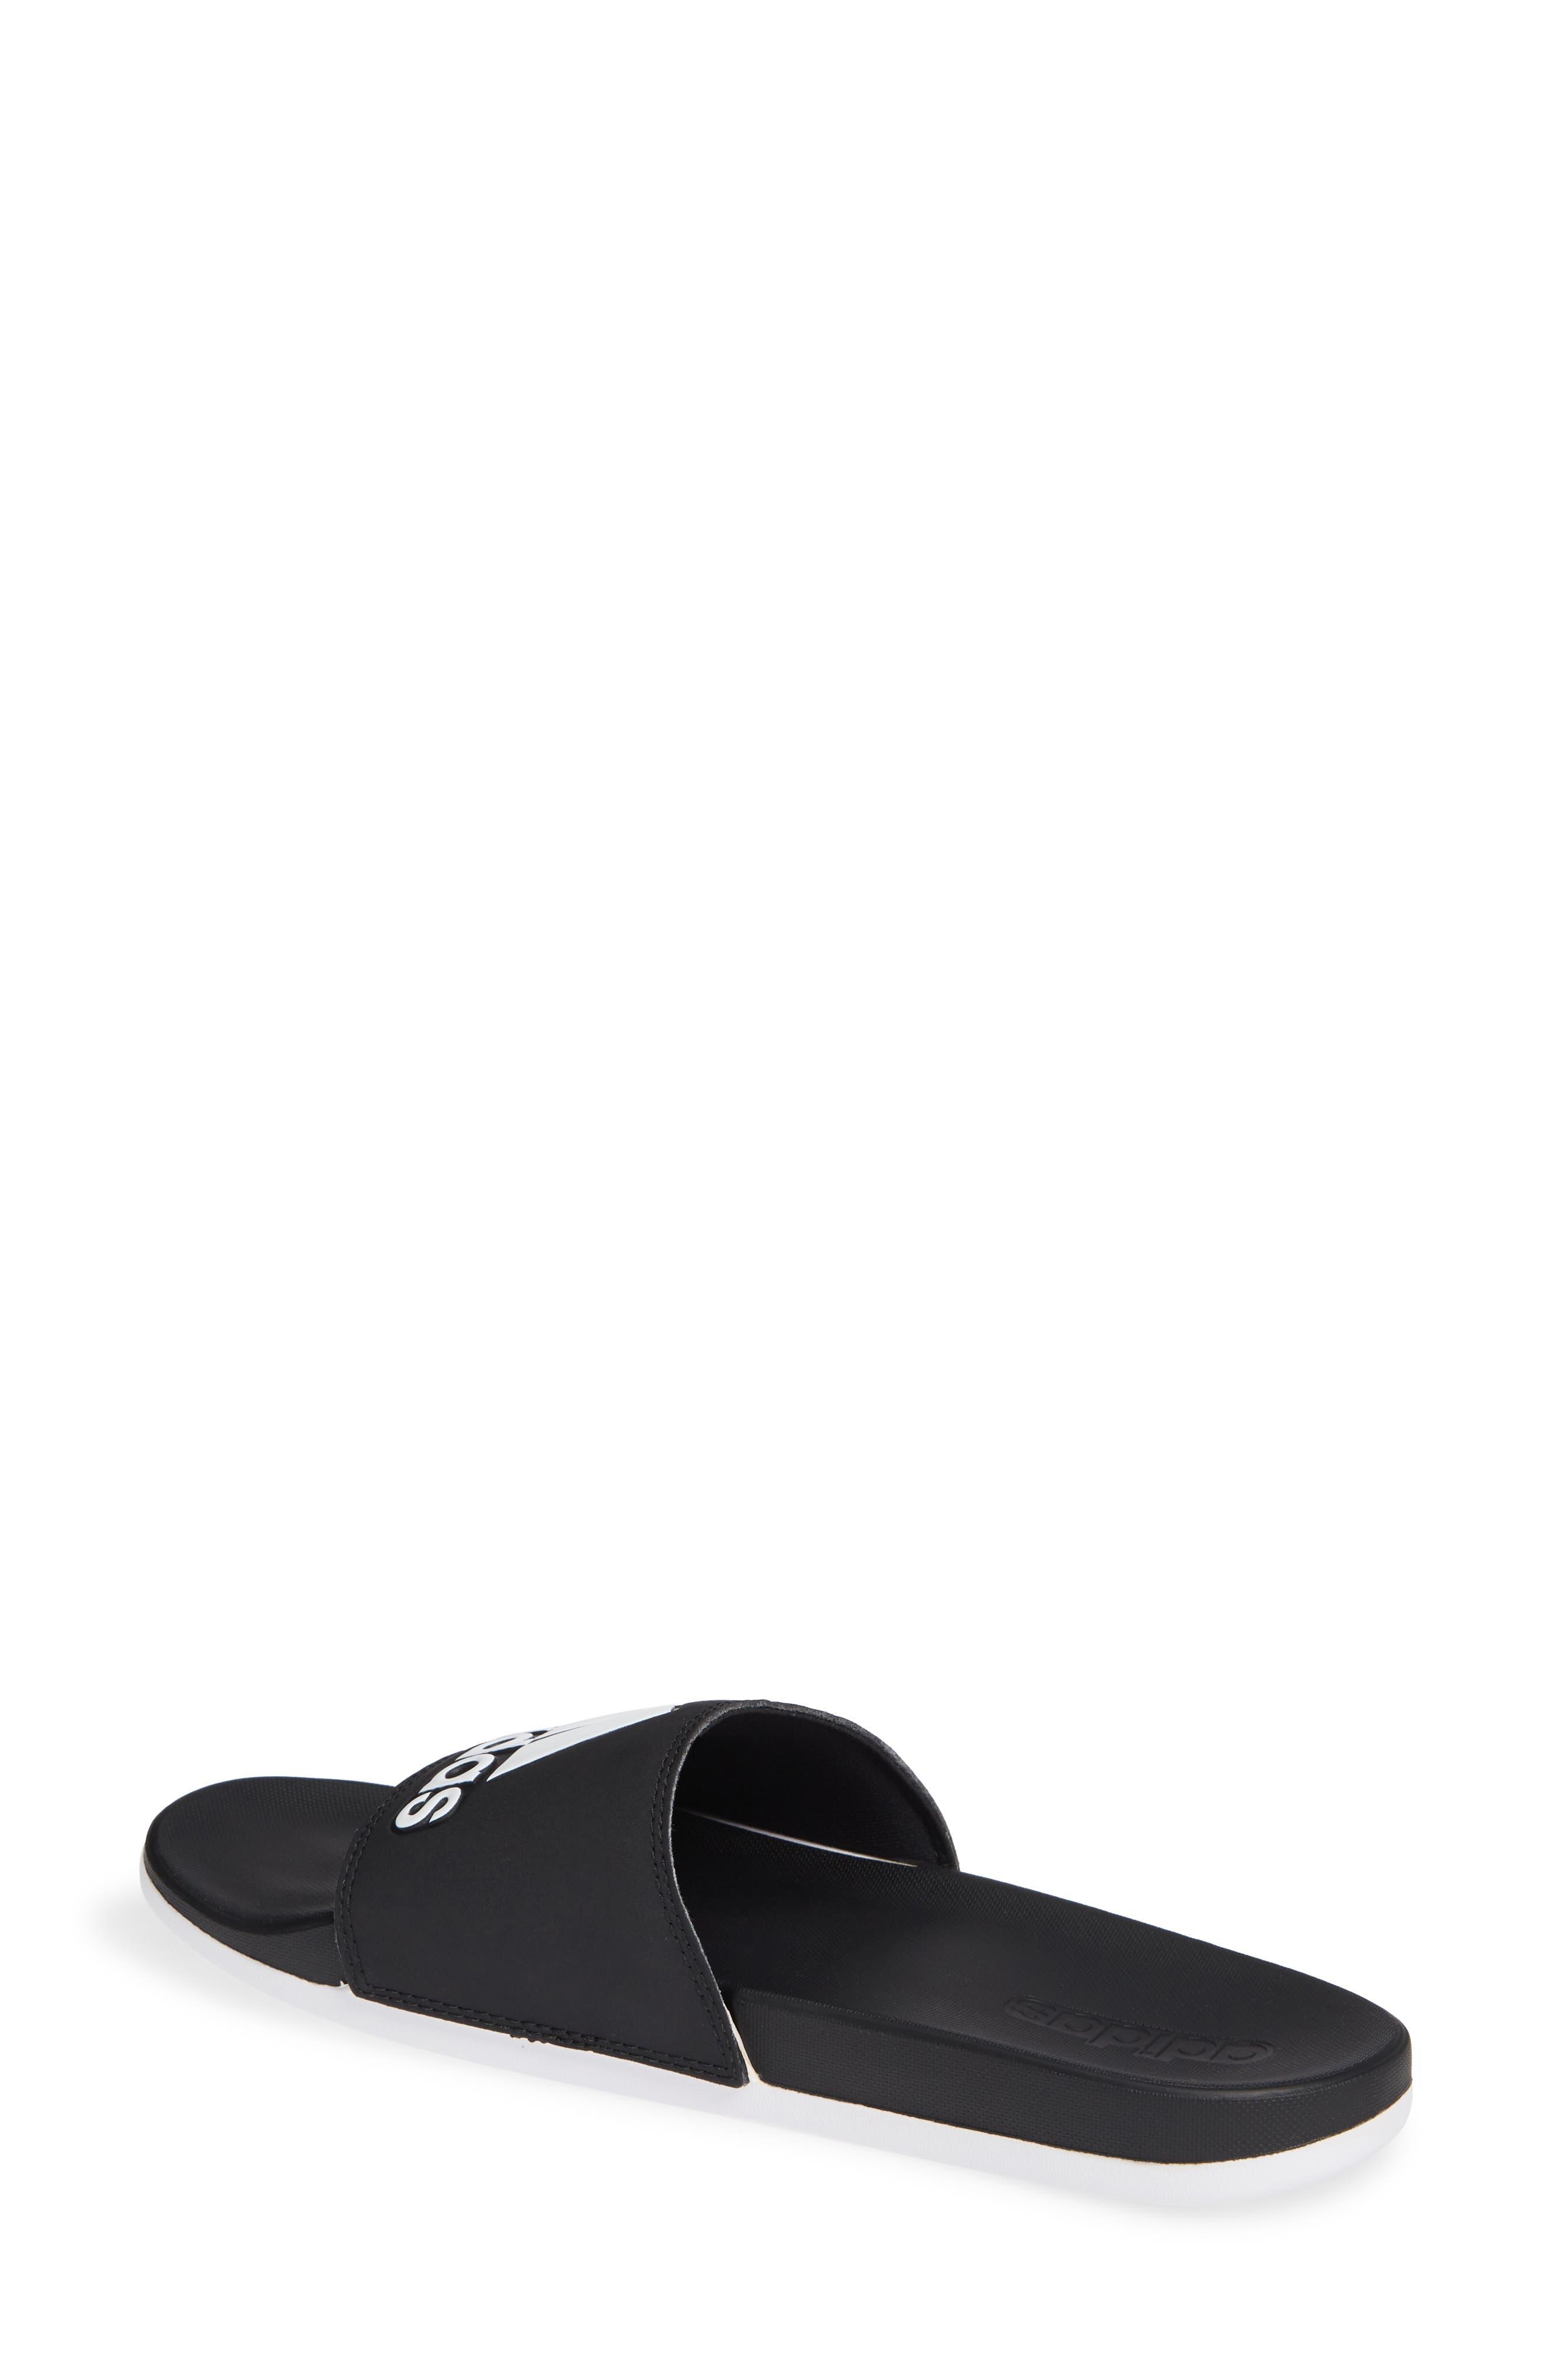 ,                             Adilette Comfort Slide Sandal,                             Alternate thumbnail 2, color,                             BLACK/ BLACK/ WHITE